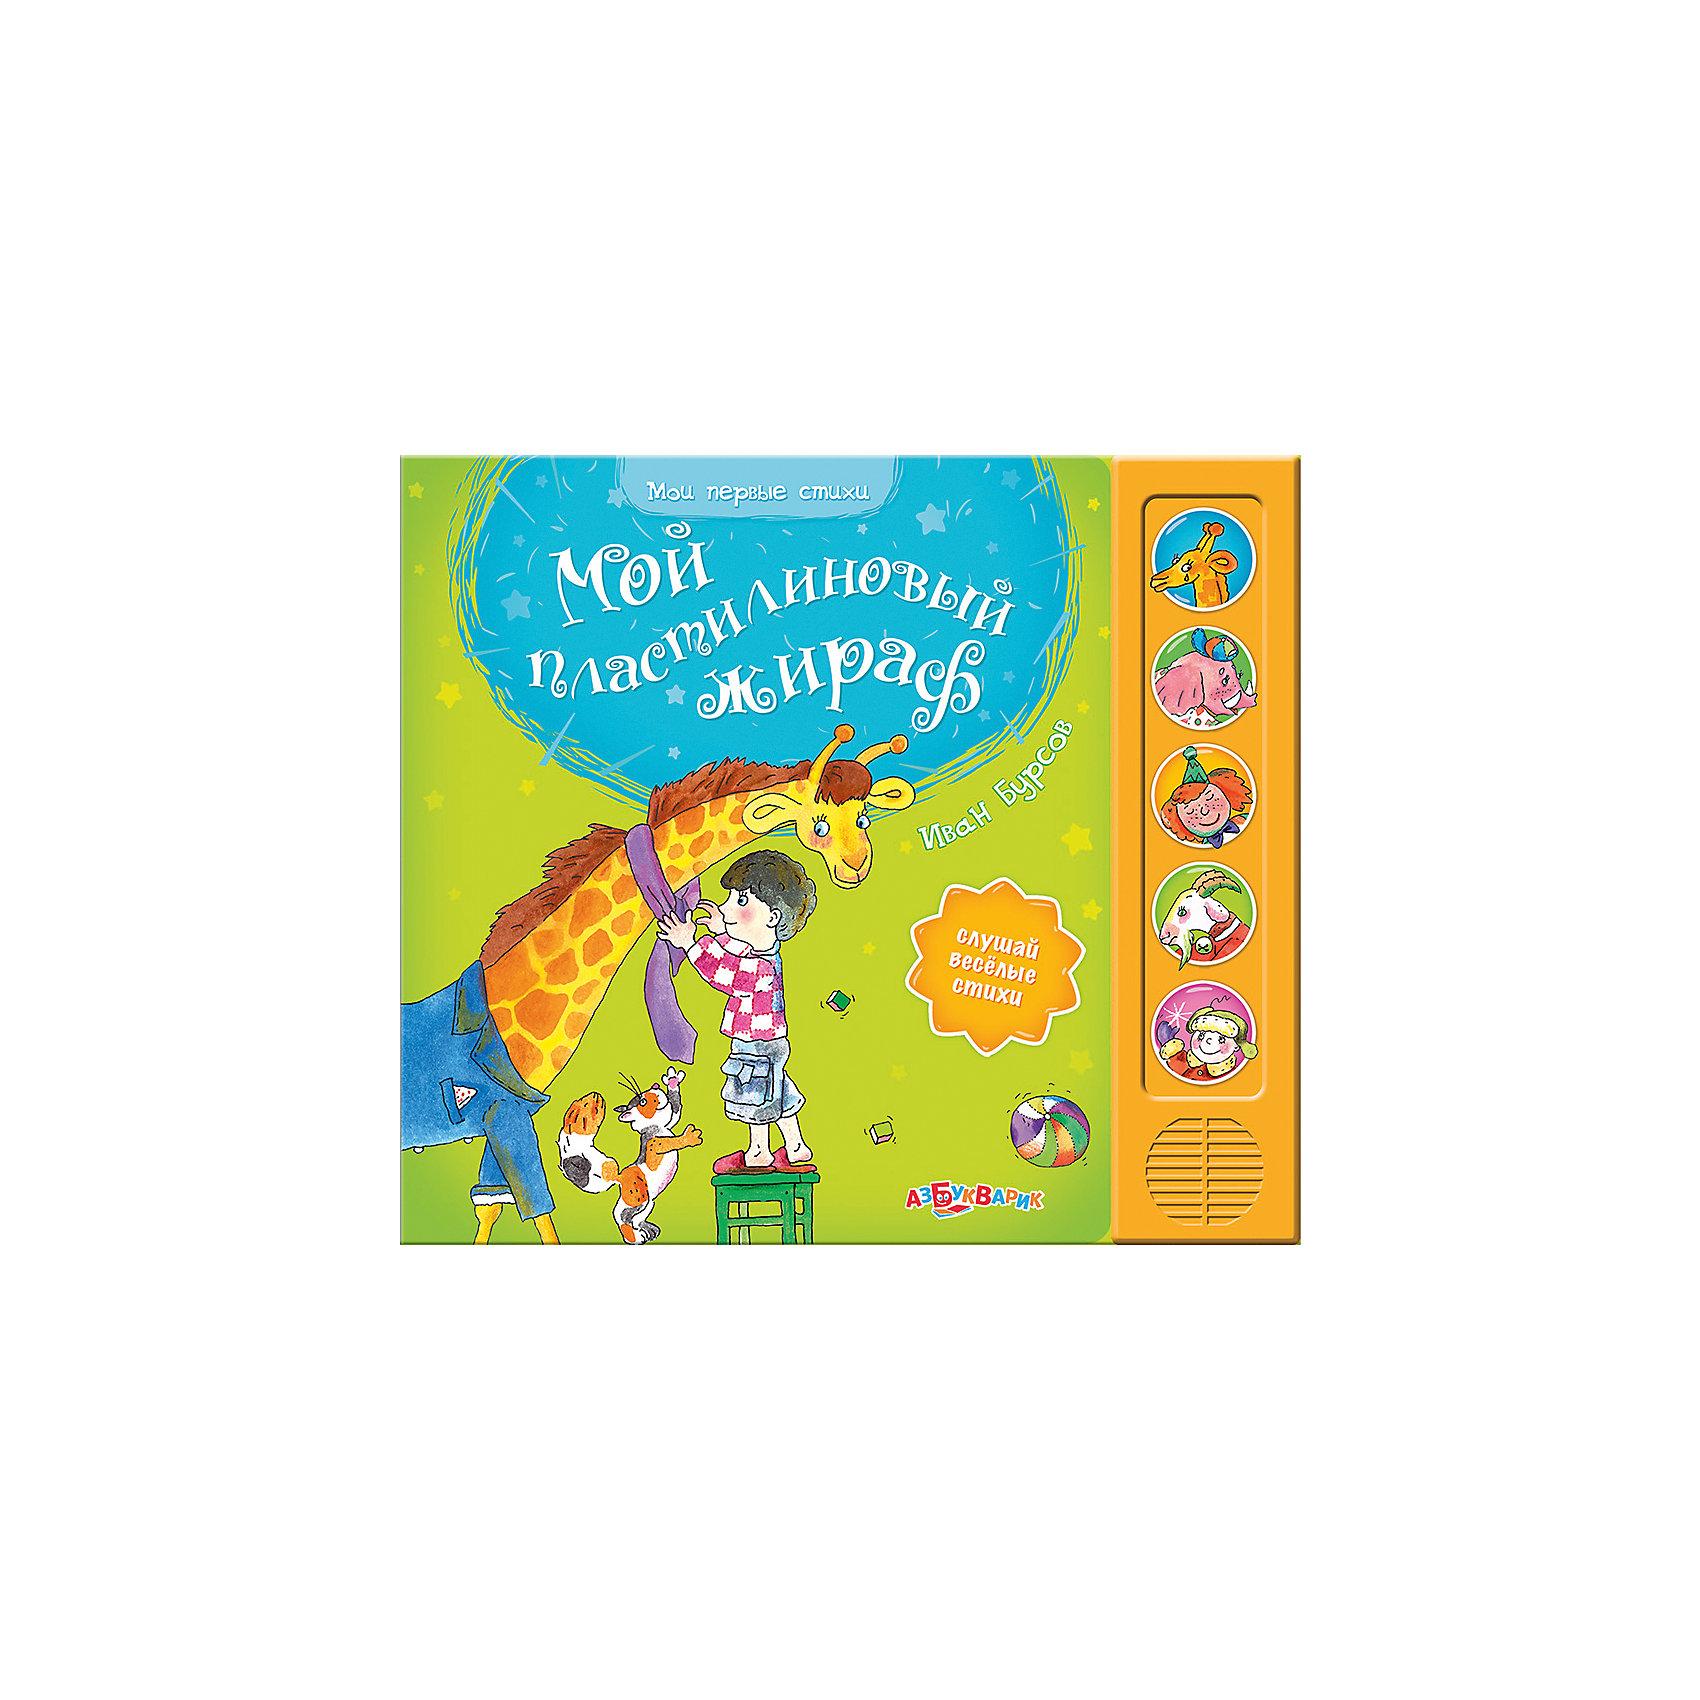 Мой пластилиновый жирафМузыкальные книги<br>В этой замечательной книге малыши найдут 9 прекрасных стихотворений обо всем на свете. Издание оформлено яркими красочными иллюстрациями, имеет плотные картонные страницы, идеально подходящие для самых юных читателей. <br><br>Дополнительная информация:<br>  <br>- Автор: И. Бурсов.<br>- Переплет: картон.<br>- Формат: 22х19 см.<br>- Количество страниц: 10.<br>- Иллюстрации: цветные. <br>- Элемент питания: батарейки L1154 (в комплекте).<br><br>Книгу Мой пластилиновый жираф можно купить в нашем магазине.<br><br>Ширина мм: 220<br>Глубина мм: 150<br>Высота мм: 20<br>Вес г: 310<br>Возраст от месяцев: 24<br>Возраст до месяцев: 60<br>Пол: Унисекс<br>Возраст: Детский<br>SKU: 4603723